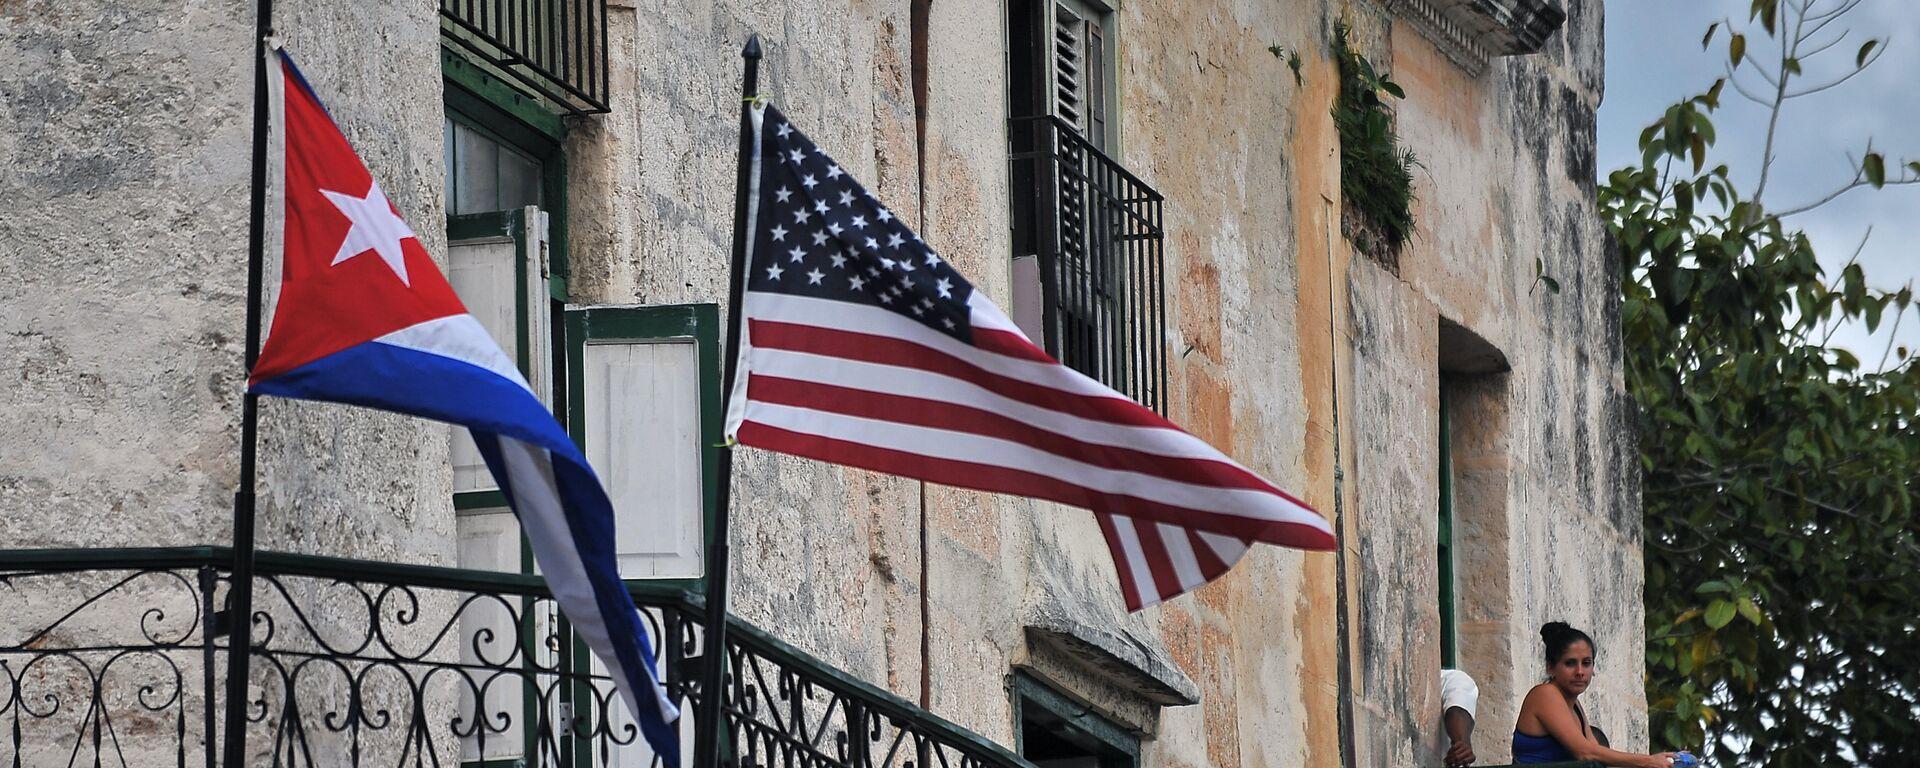 Do pre neki dan nezamislivo: zastave Kube i SAD  vijore se u Havani - Sputnik Srbija, 1920, 22.07.2021